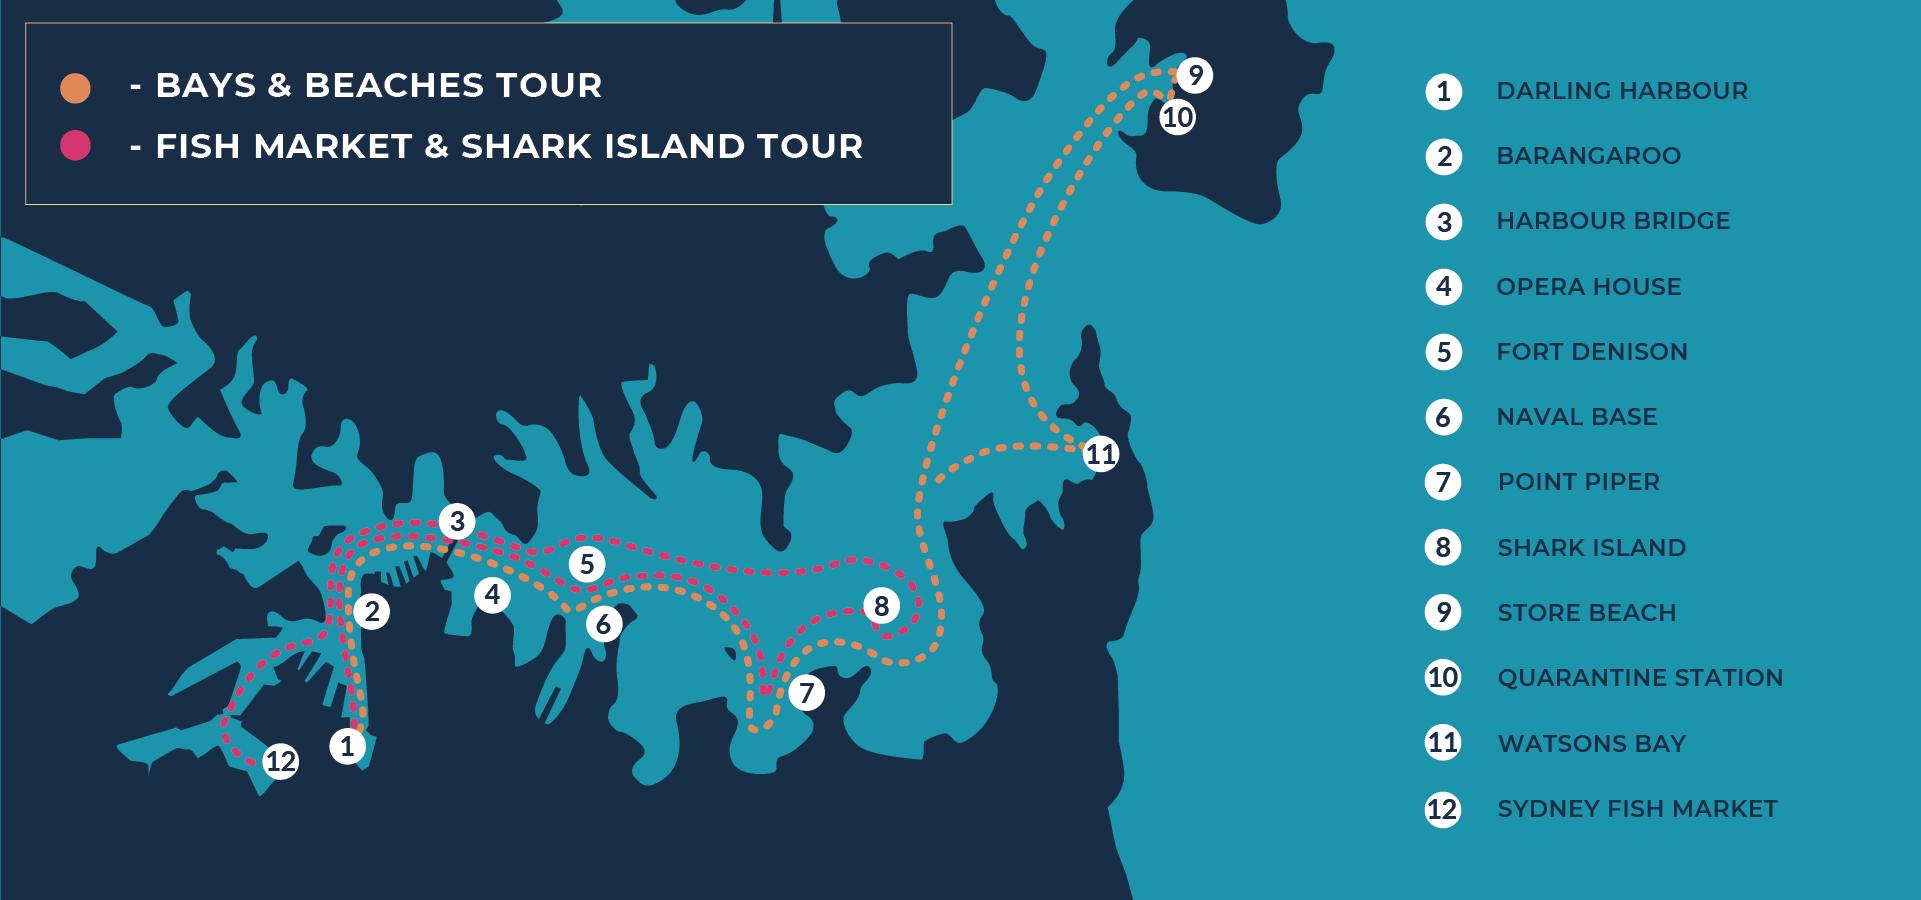 Sydney Harbour Boat Tours | Tours Map